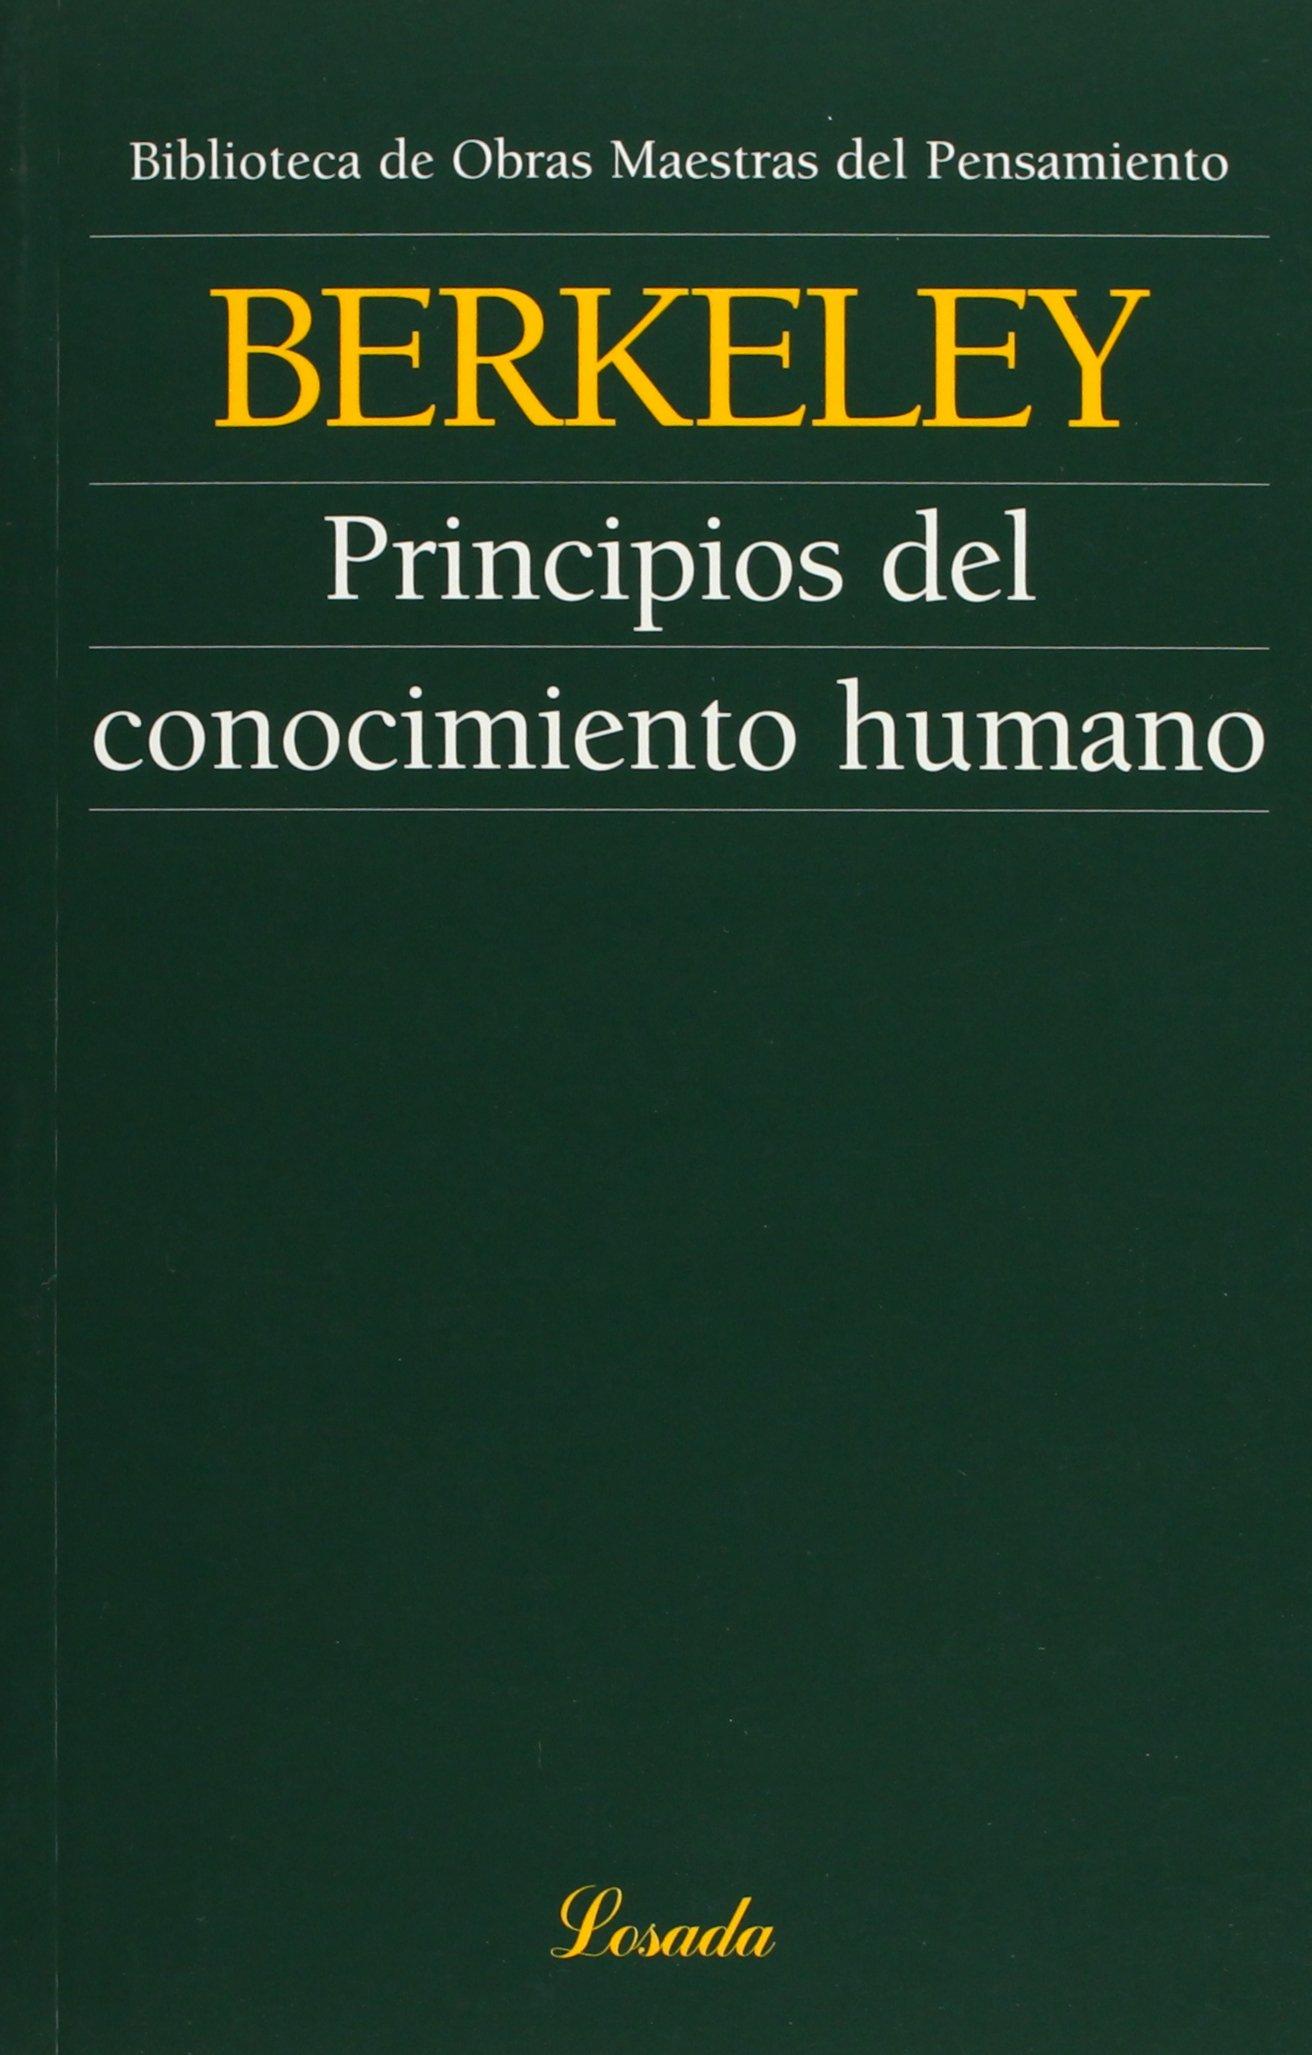 Resultado de imagen para berkeley principios del conocimiento humano